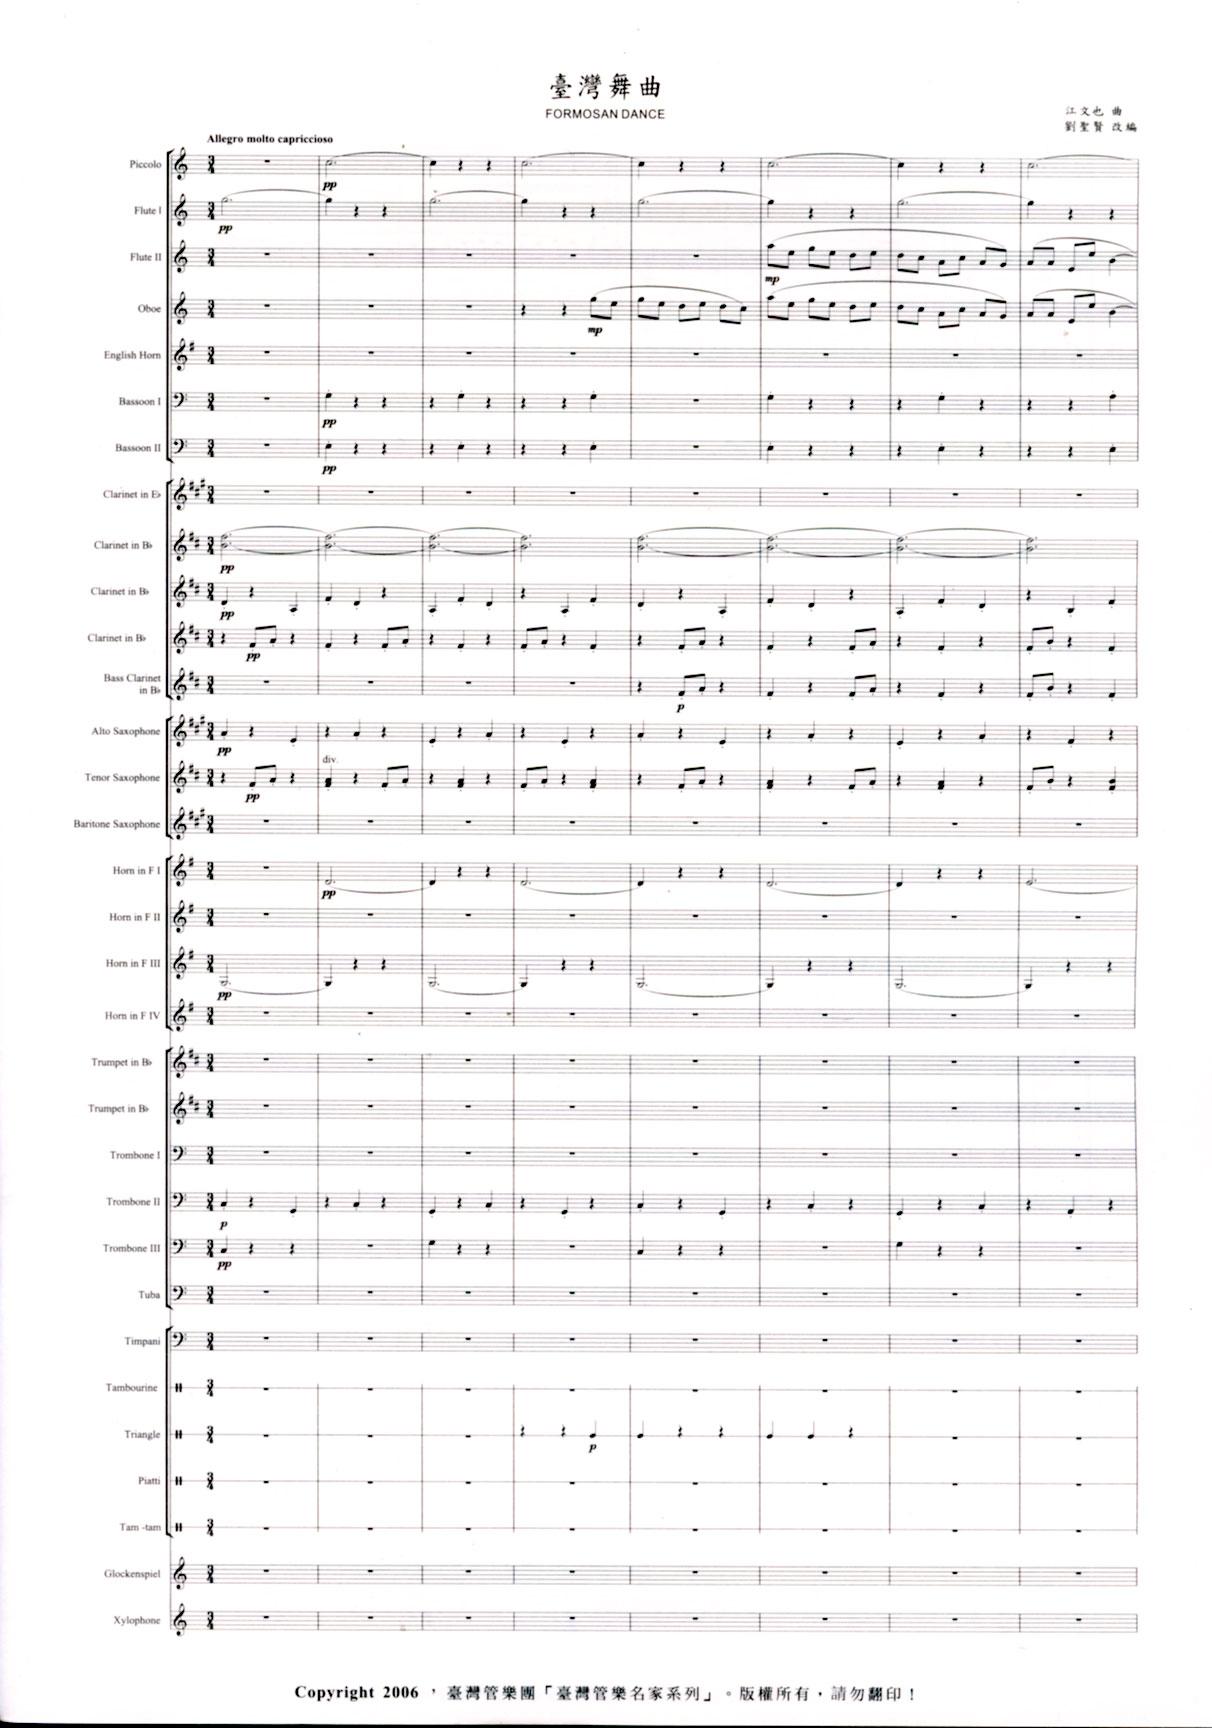 台湾管乐名家 ii - 台湾舞曲 (总谱 分谱 cd唱片) 95学年音乐比赛